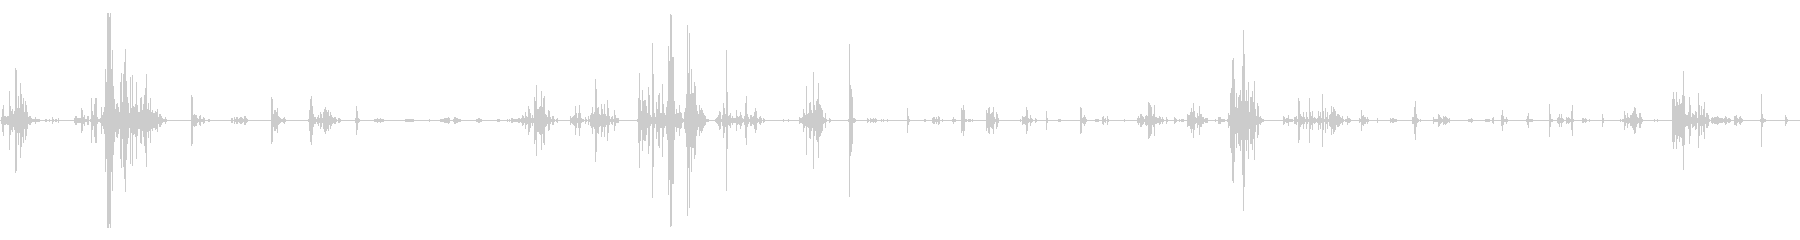 猫が走り回っている音などの未再生の波形